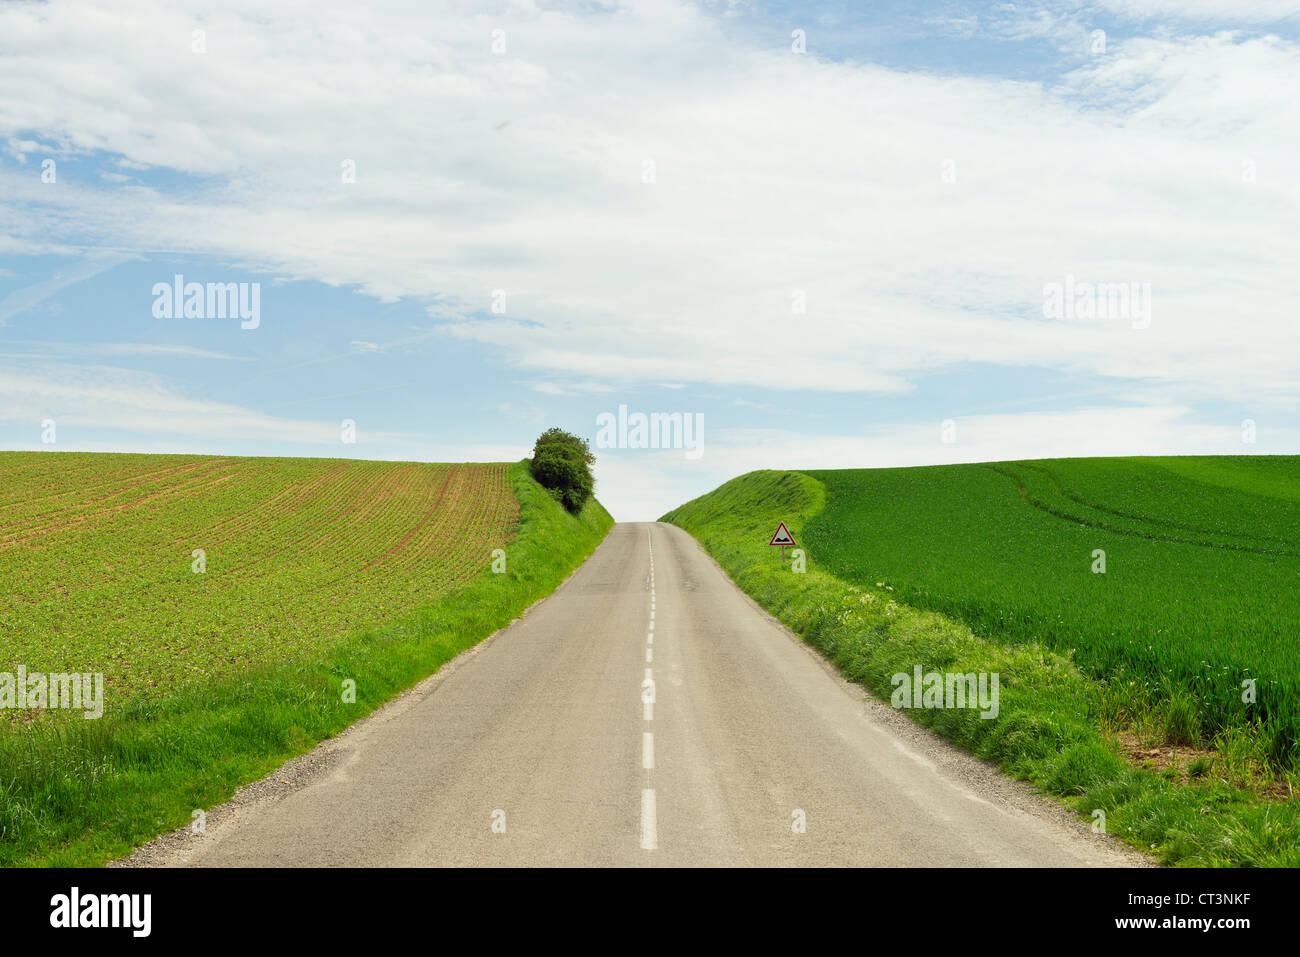 Rural road between crop fields - Stock Image